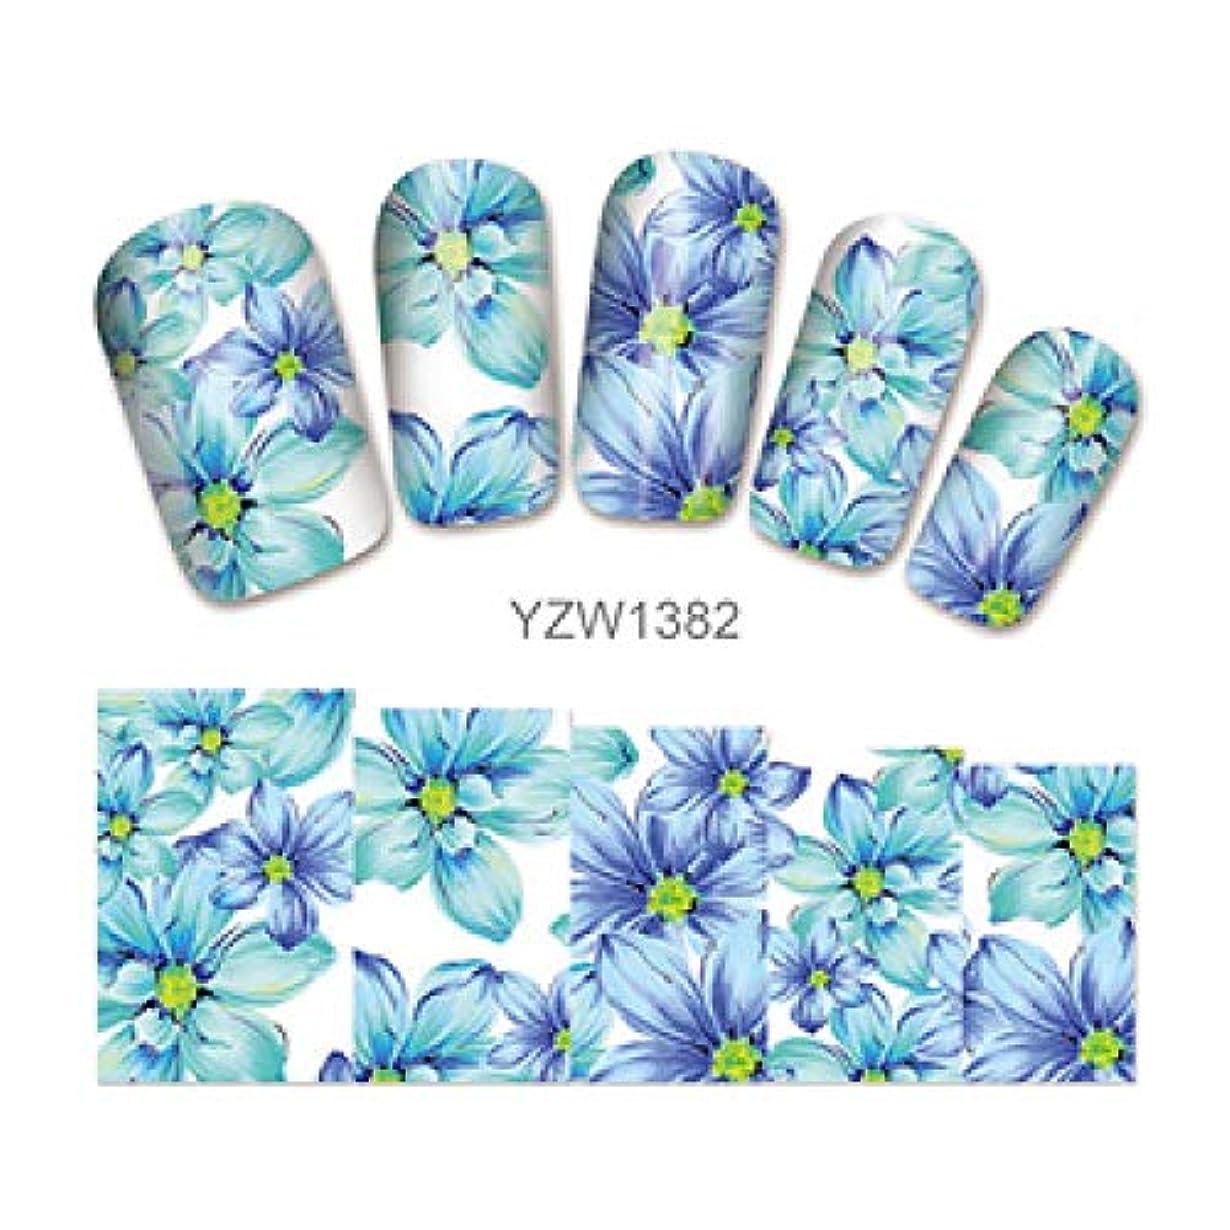 クレーター共産主義ラメSUKTI&XIAO ネイルステッカー 1枚のシートの釘、Yzw1382のための任意完全なカバー釘水ステッカーの多彩な花模様のステッカー